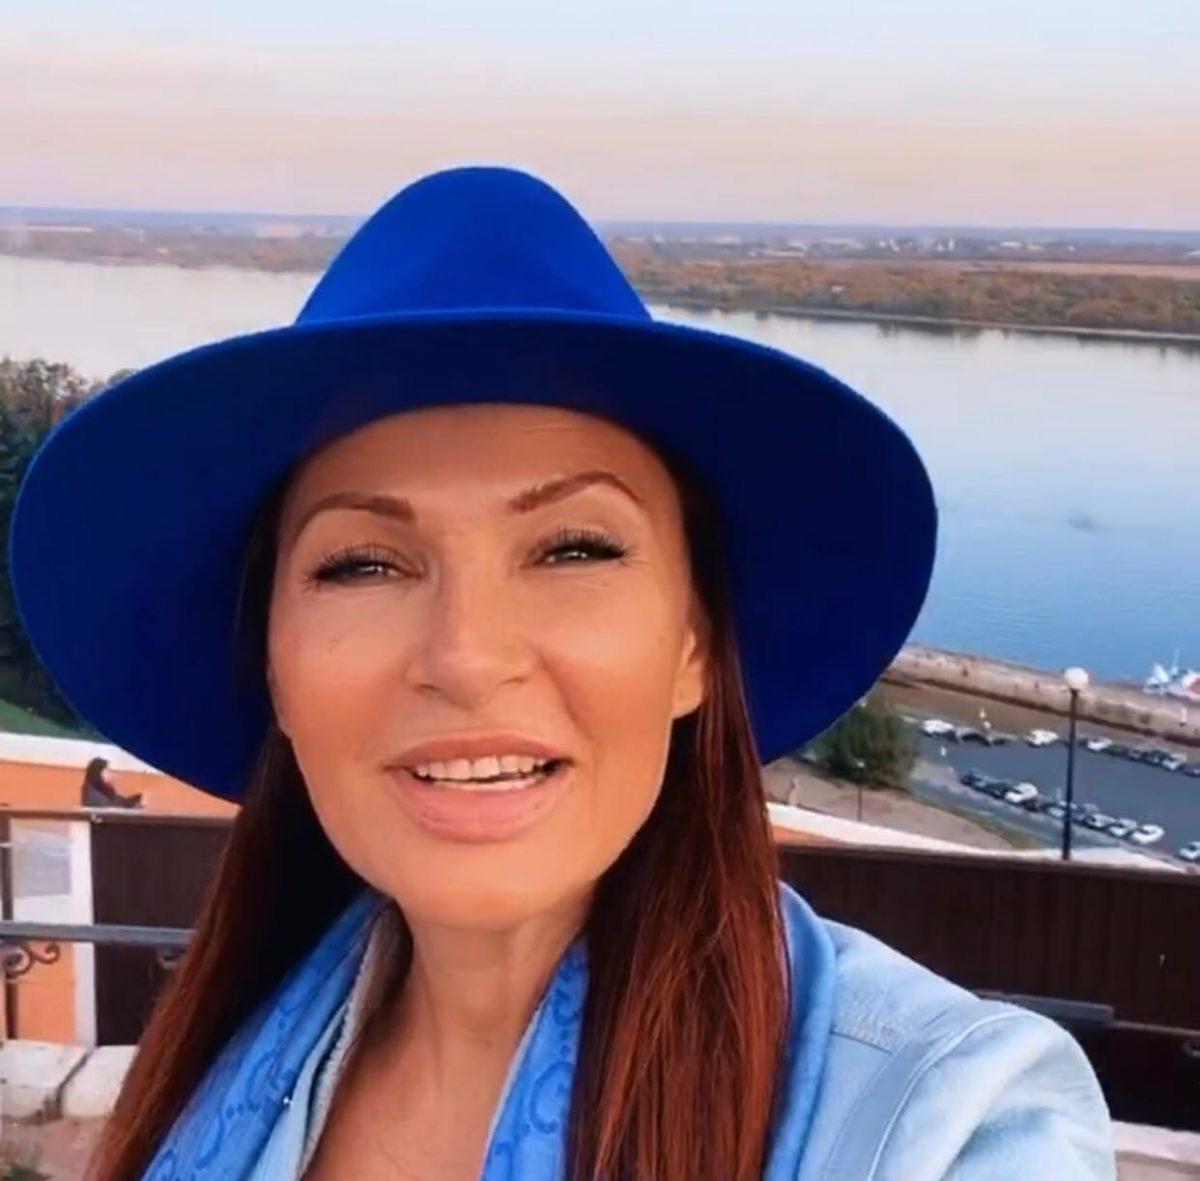 Эвелина Блёданс посетила Нижний Новгород